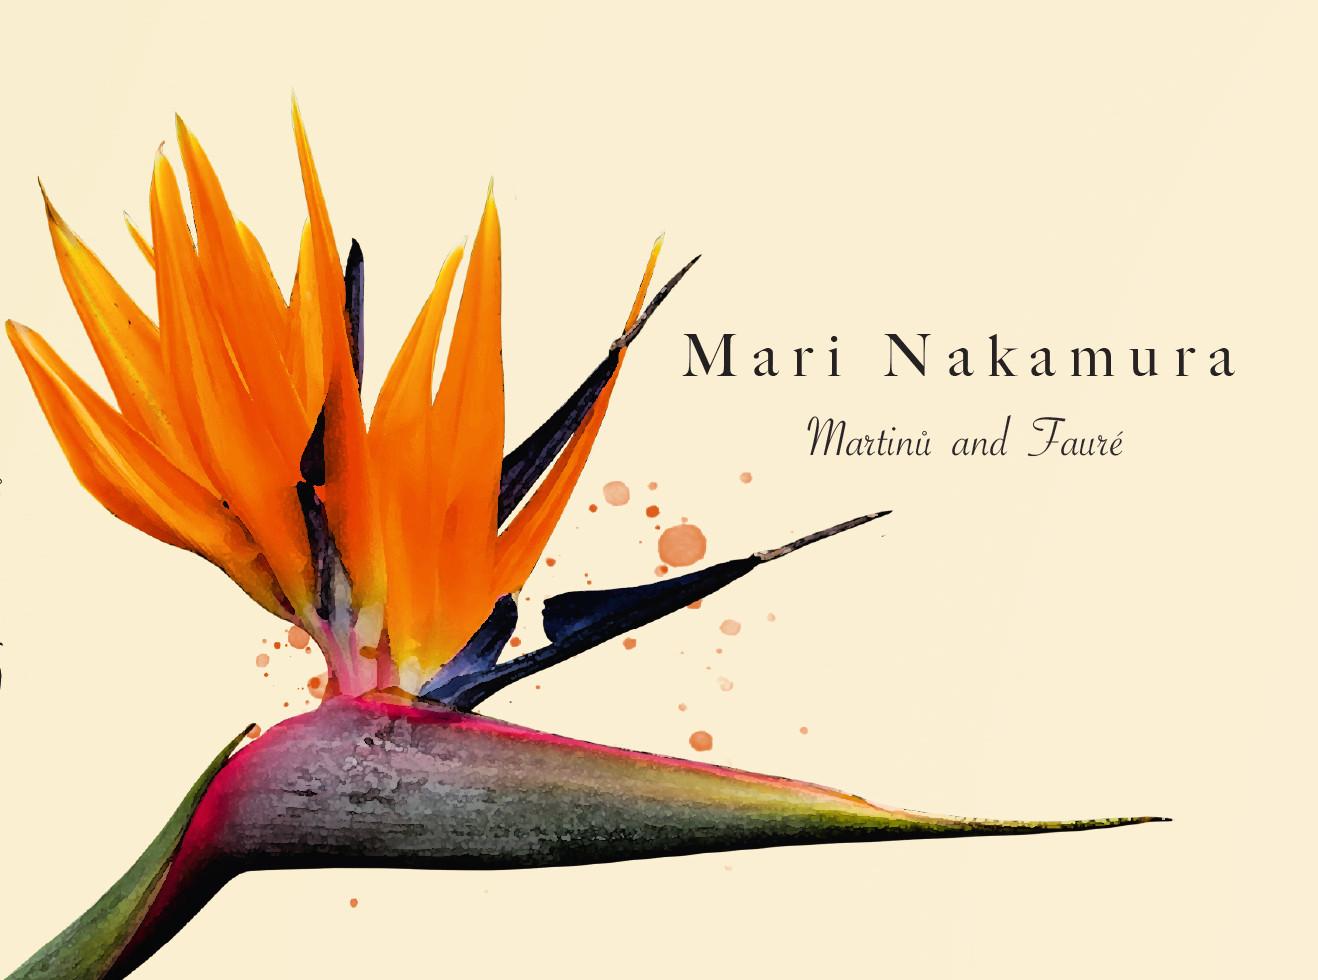 Print Design // Artwork Mari Nakamura